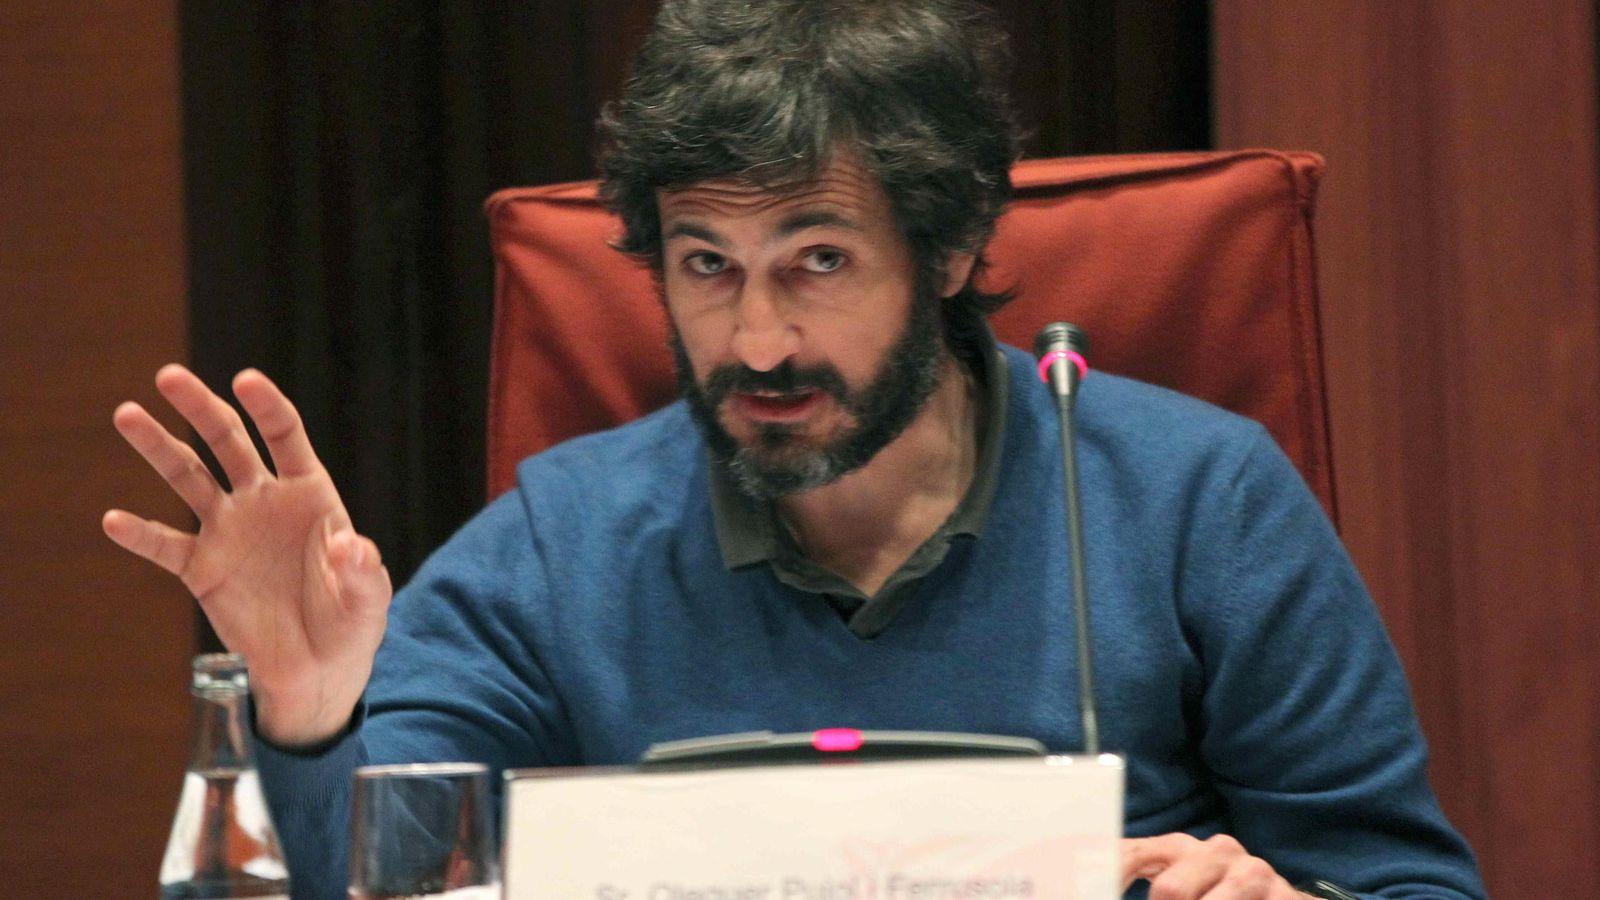 Foto: Oleguer Pujol Ferrusola, hijo del expresidente catalán Jordi Pujol, habla en marzo ante la comisión del Parlament que investiga la fortuna oculta por su familia. (Efe)